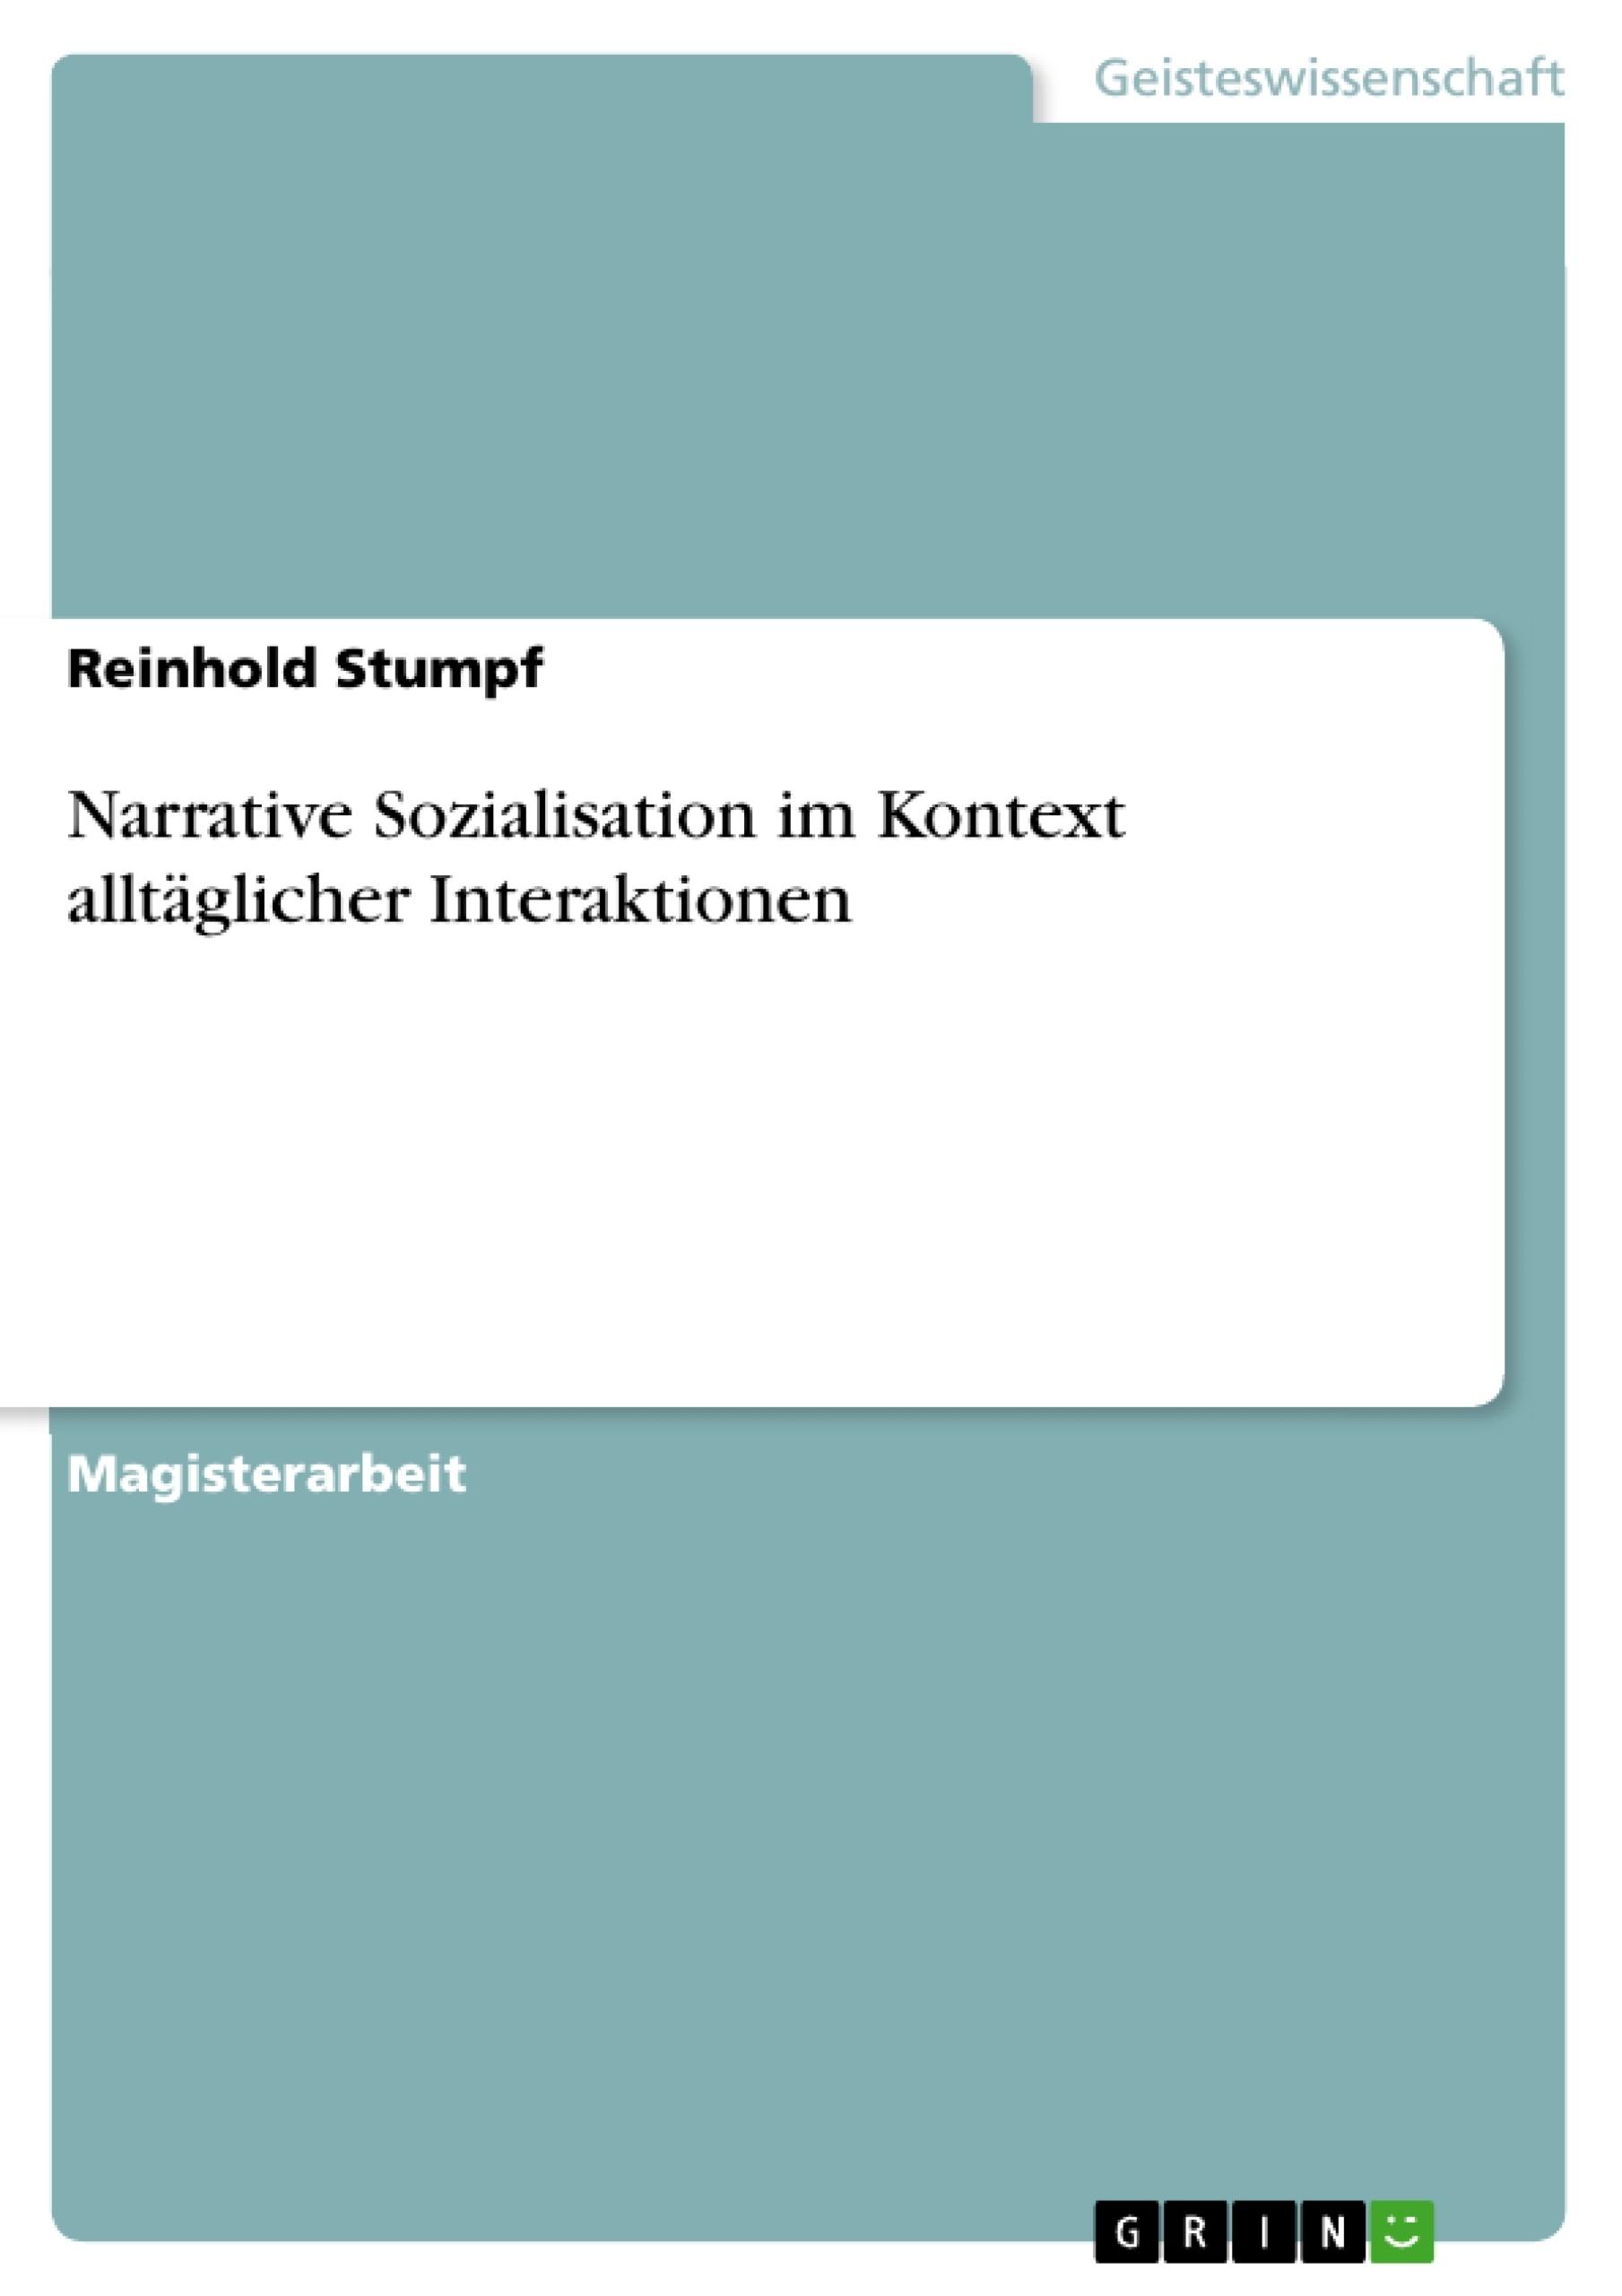 Titel: Narrative Sozialisation im Kontext alltäglicher Interaktionen